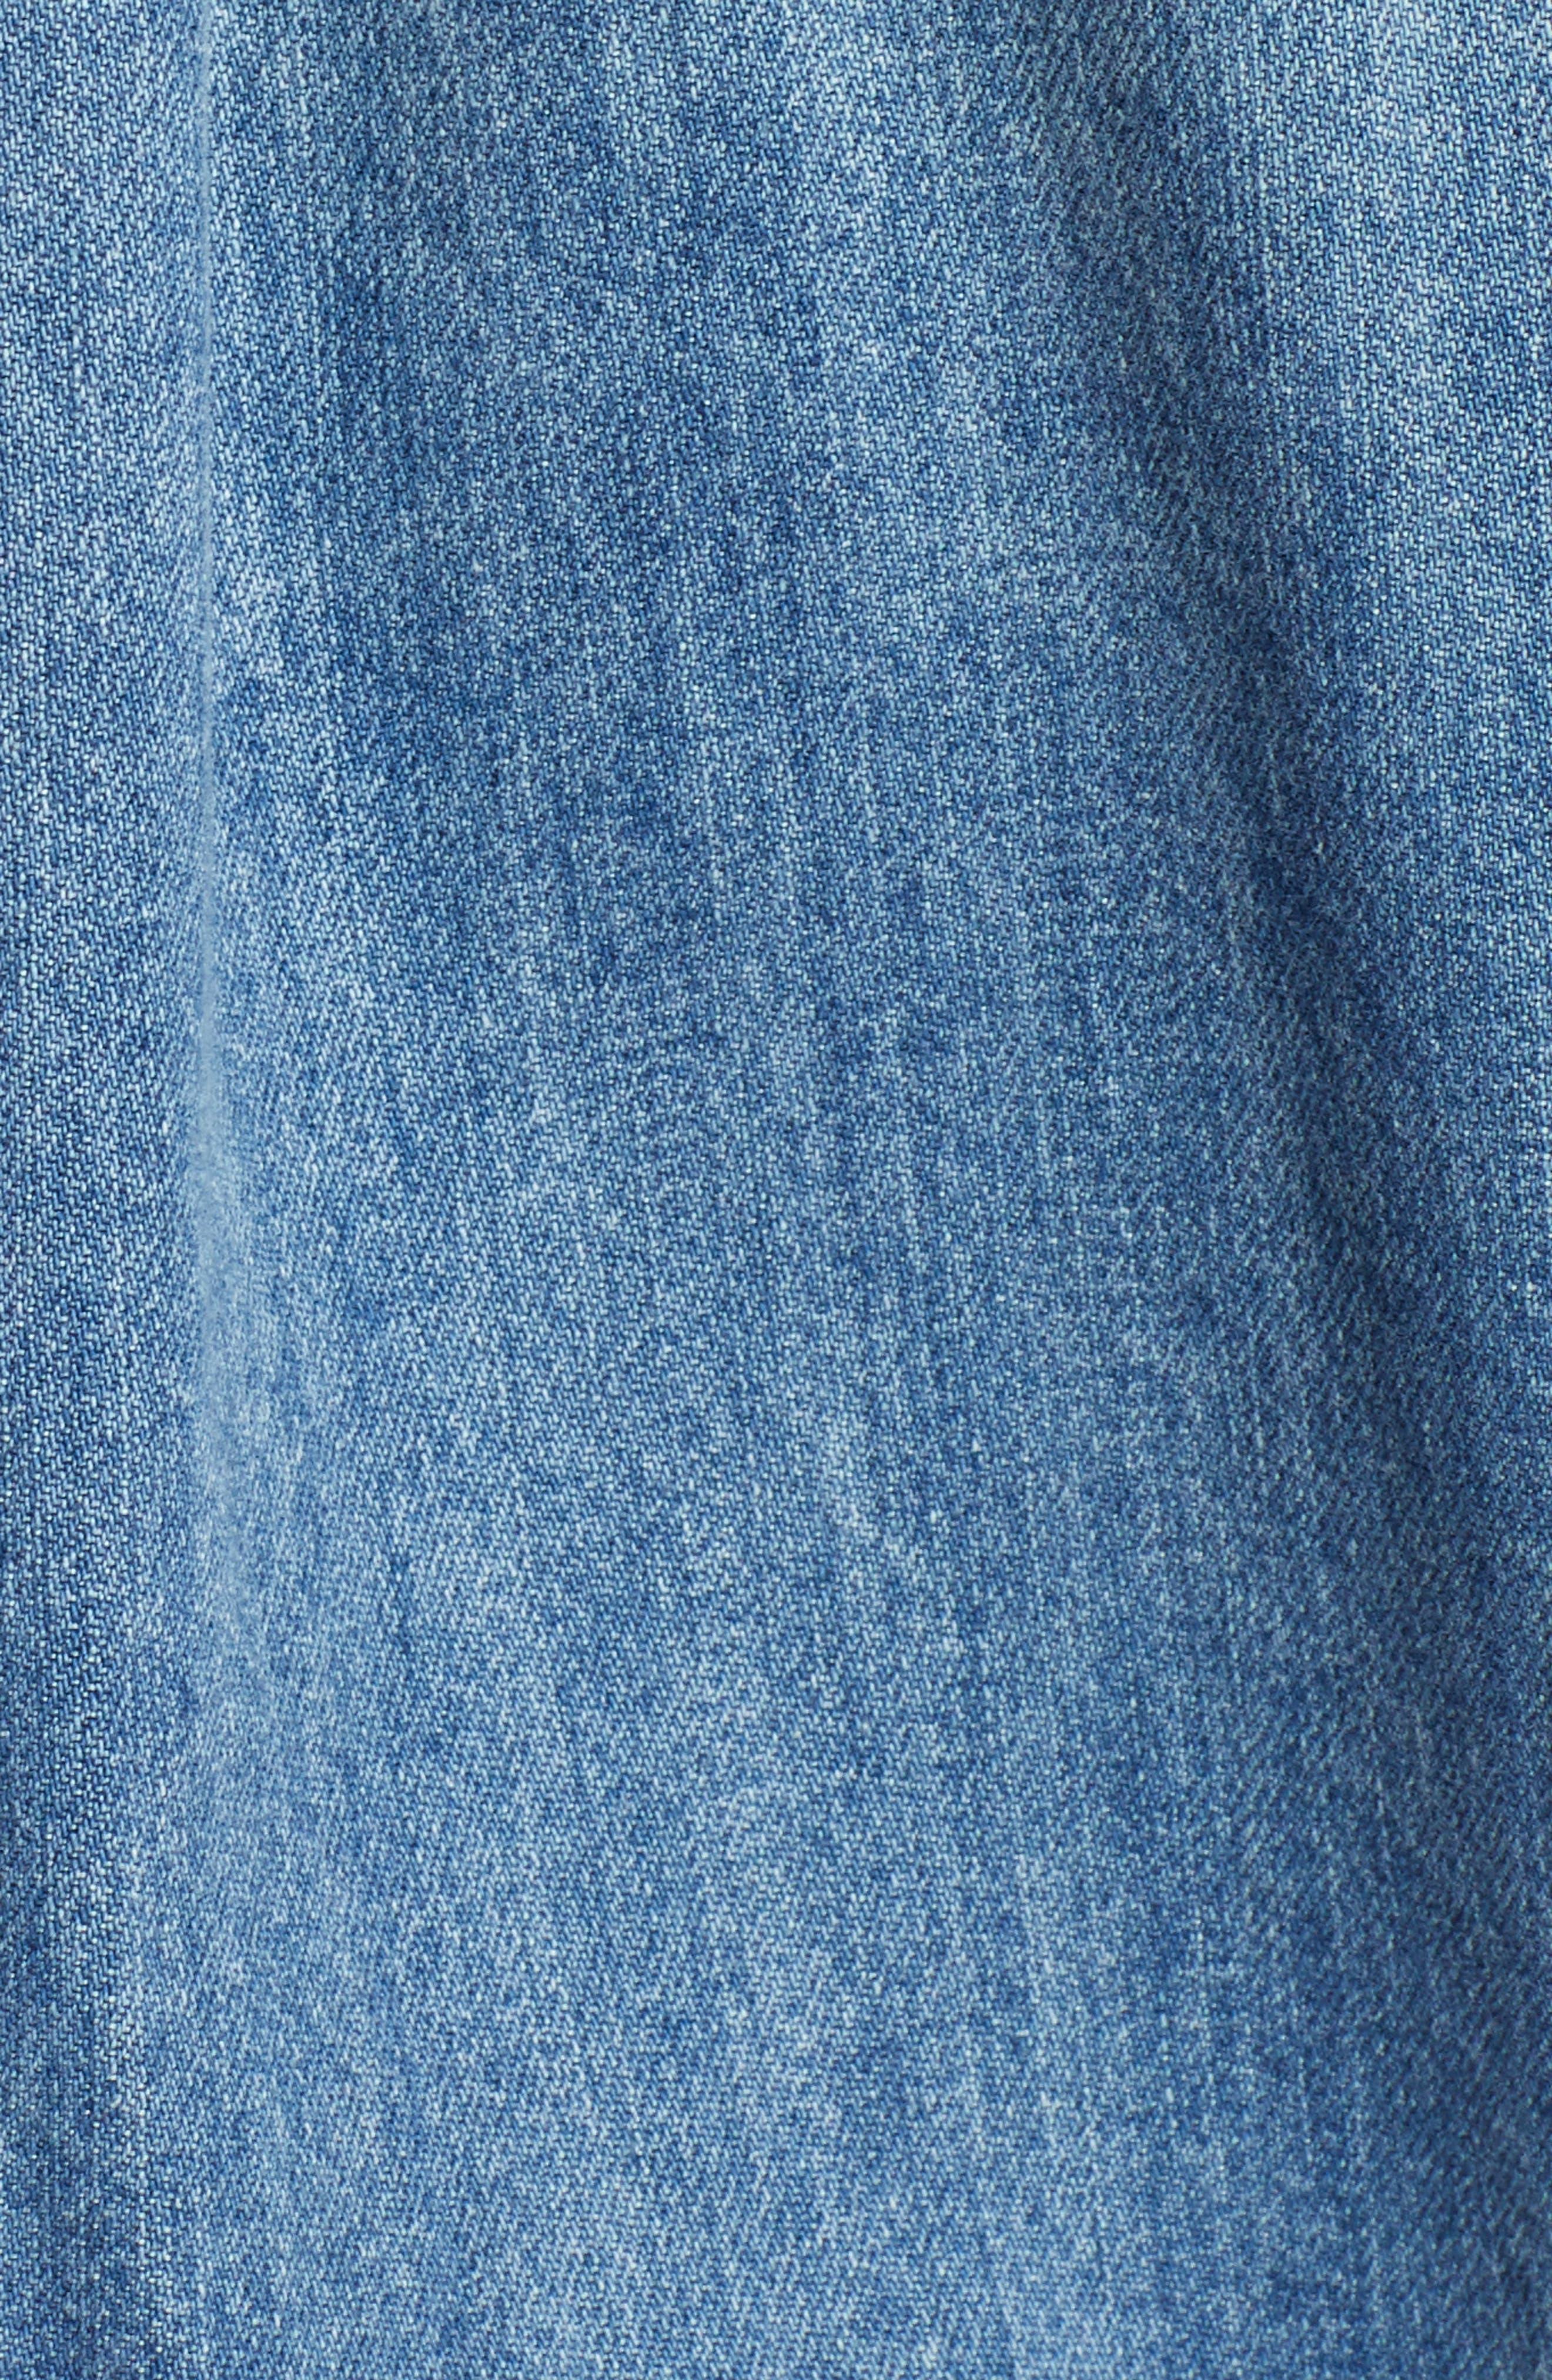 LUCKY BRAND,                             Drawstring Denim Dress,                             Alternate thumbnail 5, color,                             430